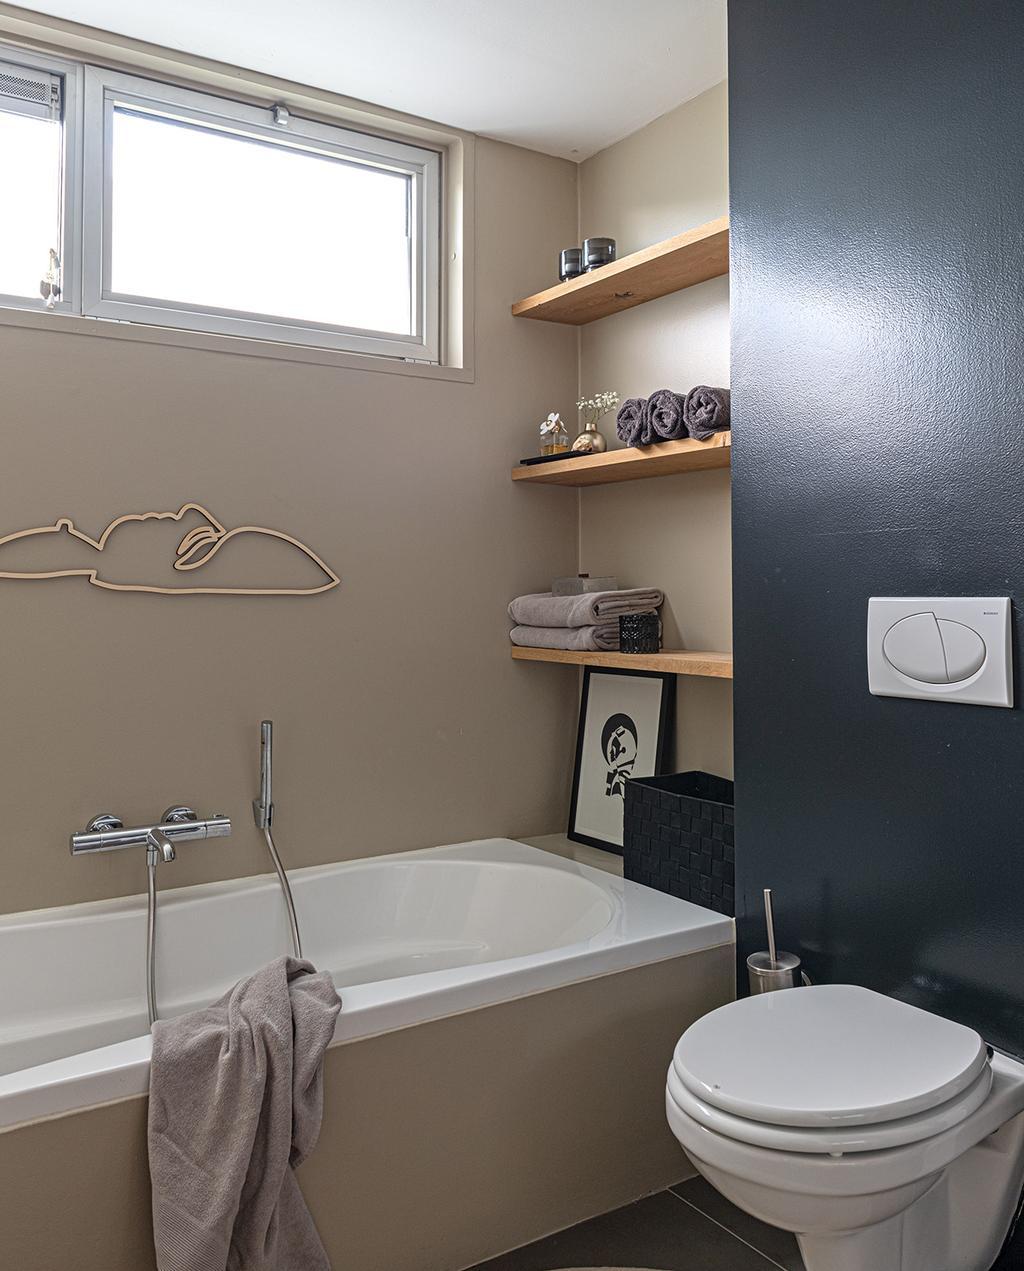 vtwonen 04-2021 | badkamer met toilet en donkere muur